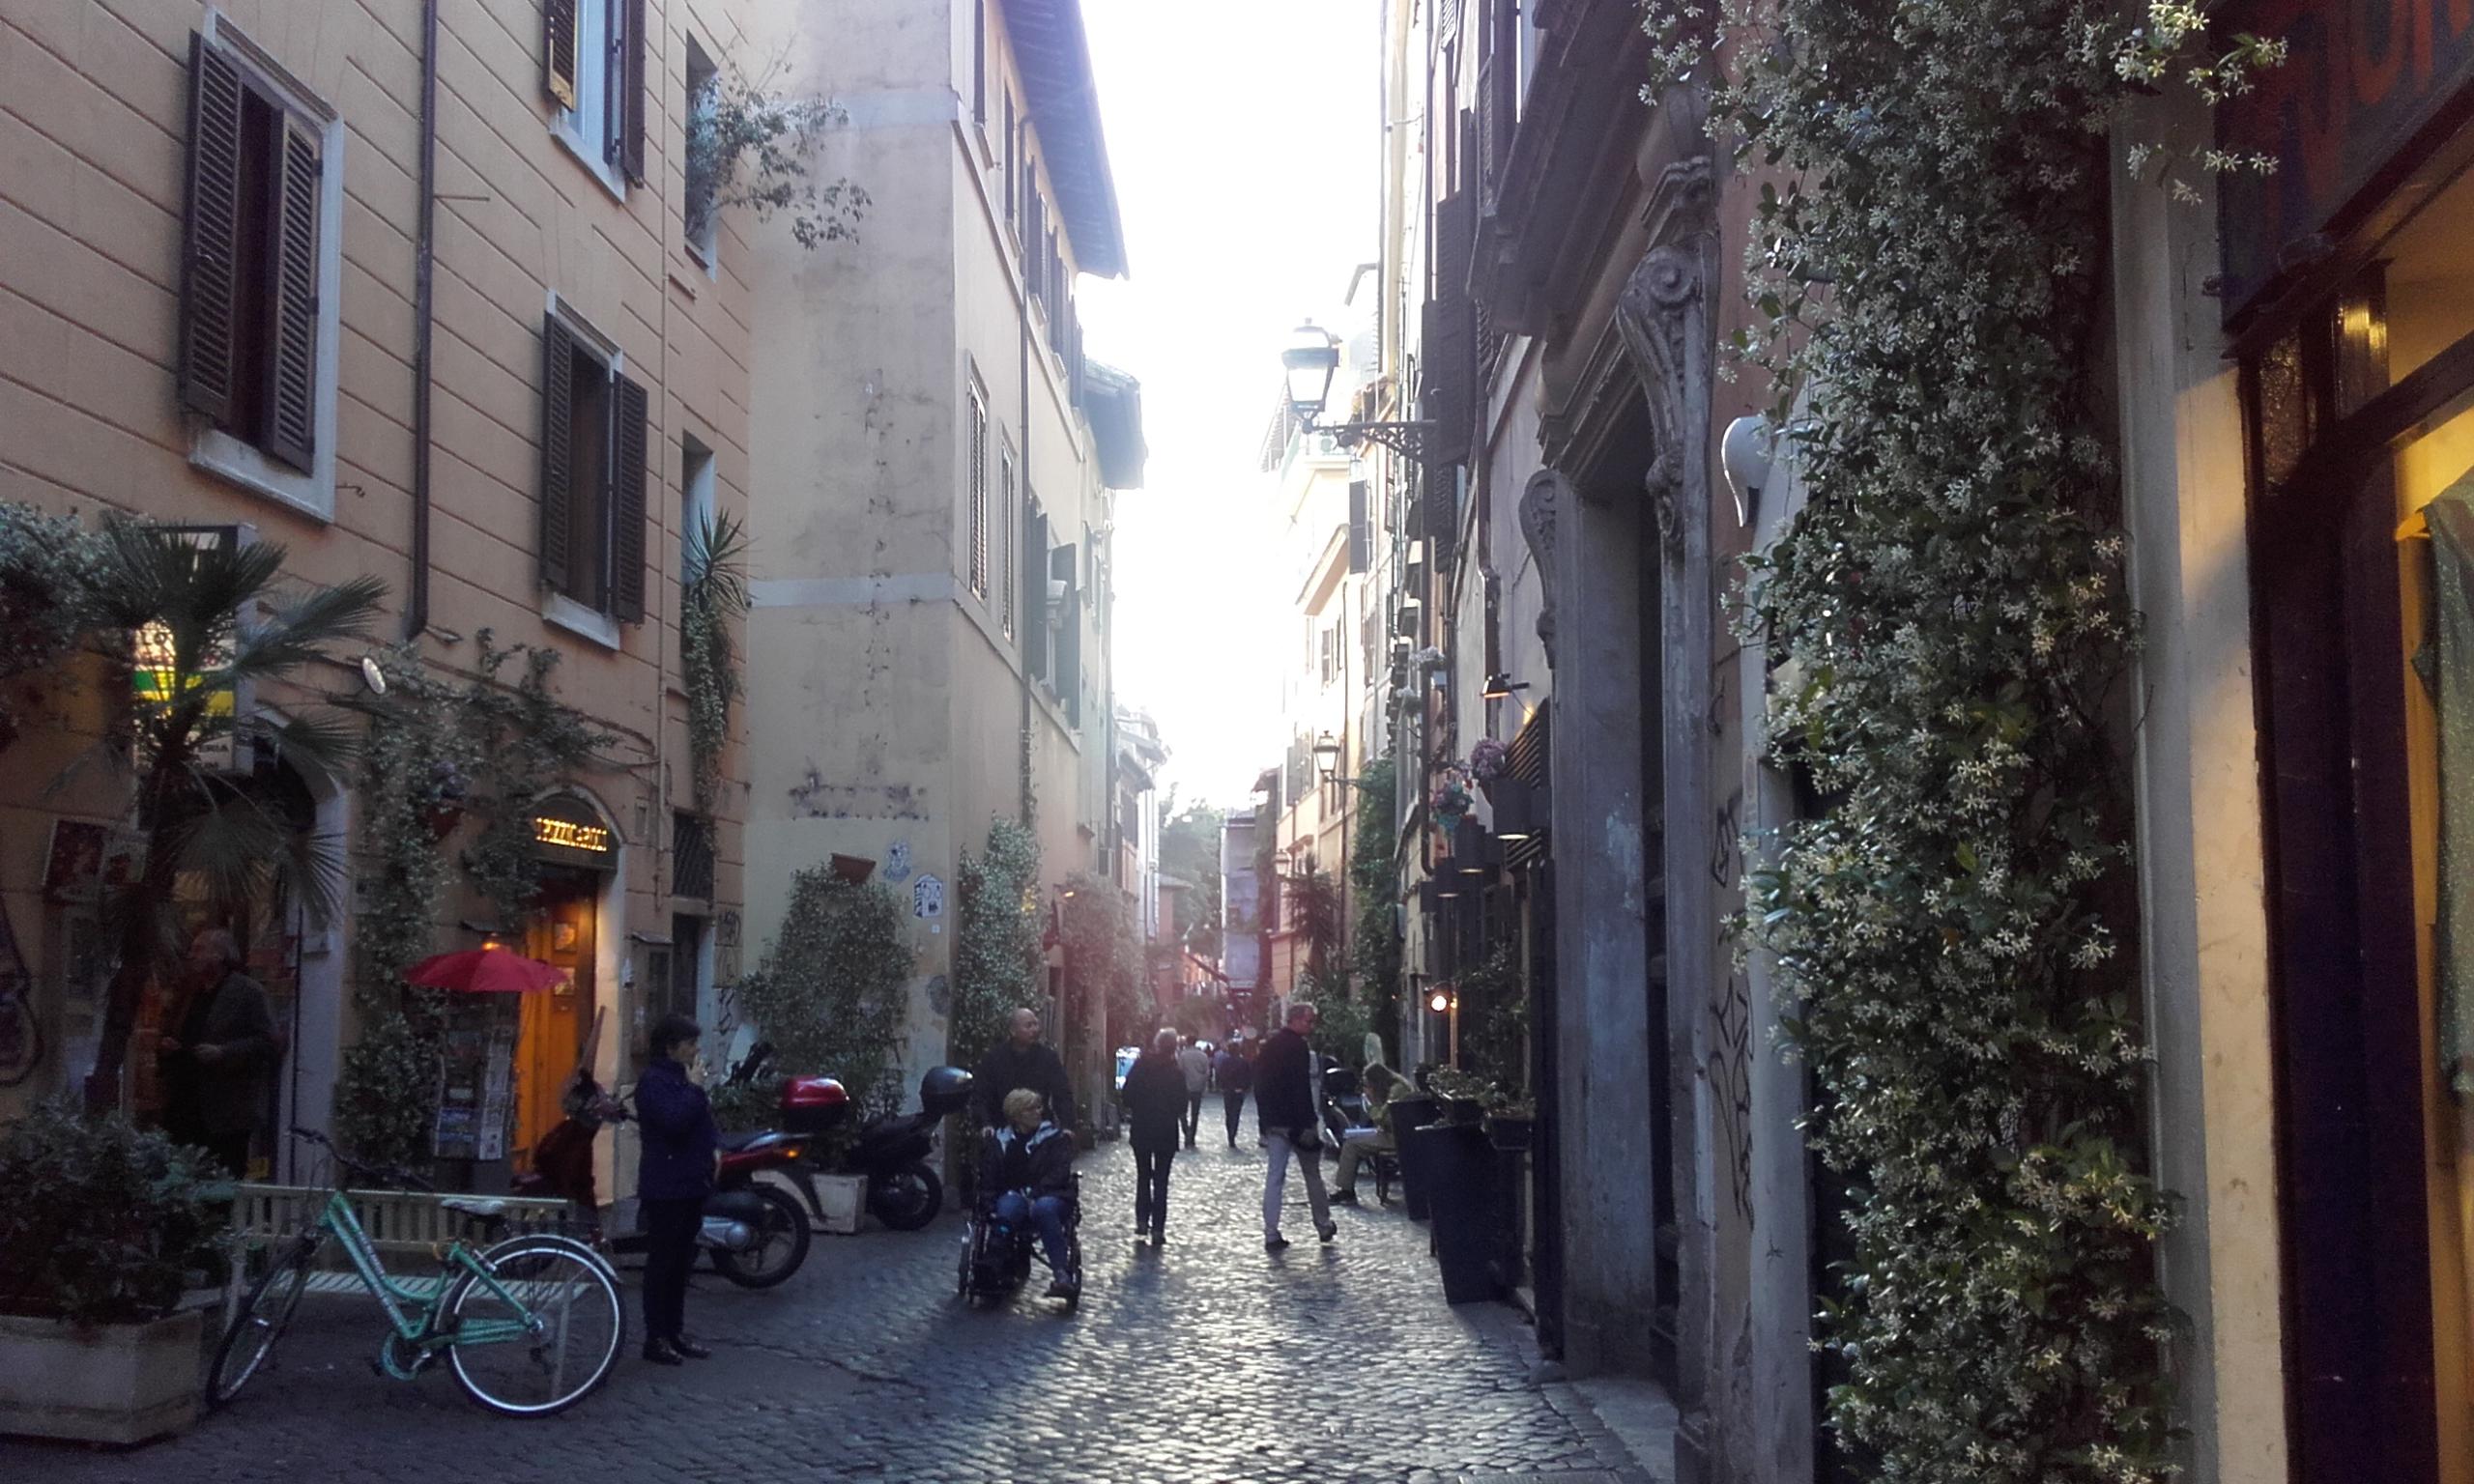 El barrio de Trastevere